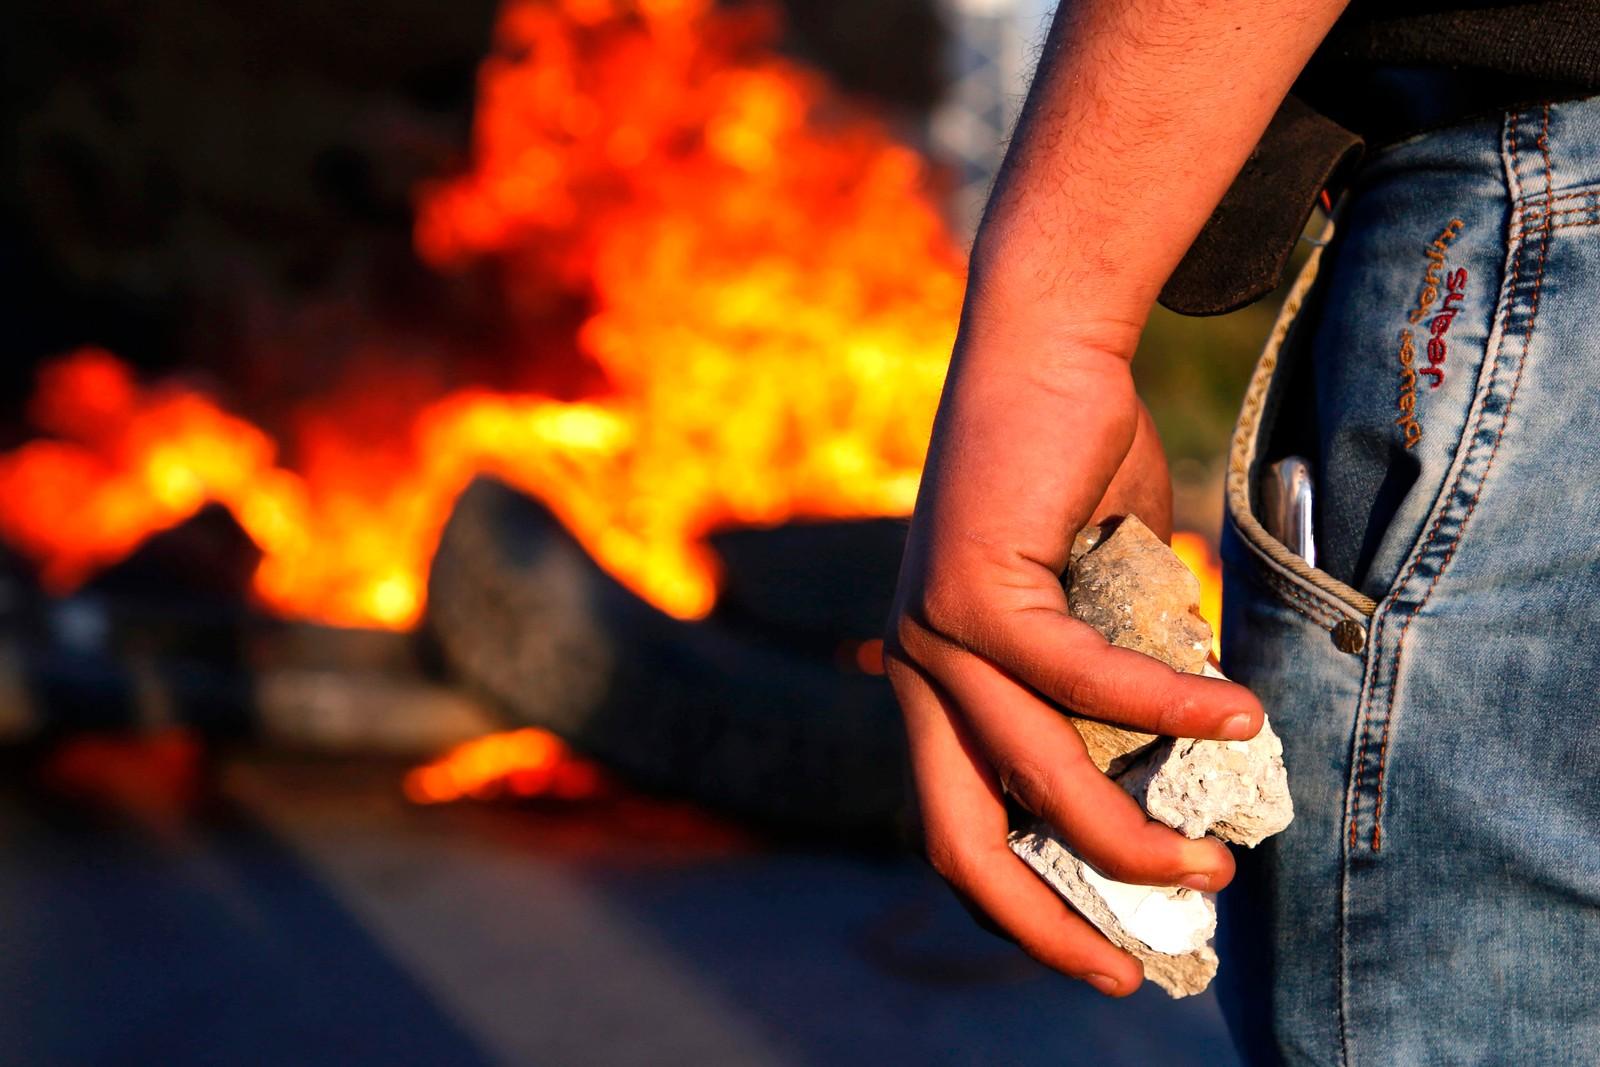 En av flere palestinske demonstranter som havnet i kamper med israelske sikkerhetsstyrker nord for Ramallah. Bråket startet etter flere palestinere hadde vist sin støtte til fengslede palestinere som sultestreiker.